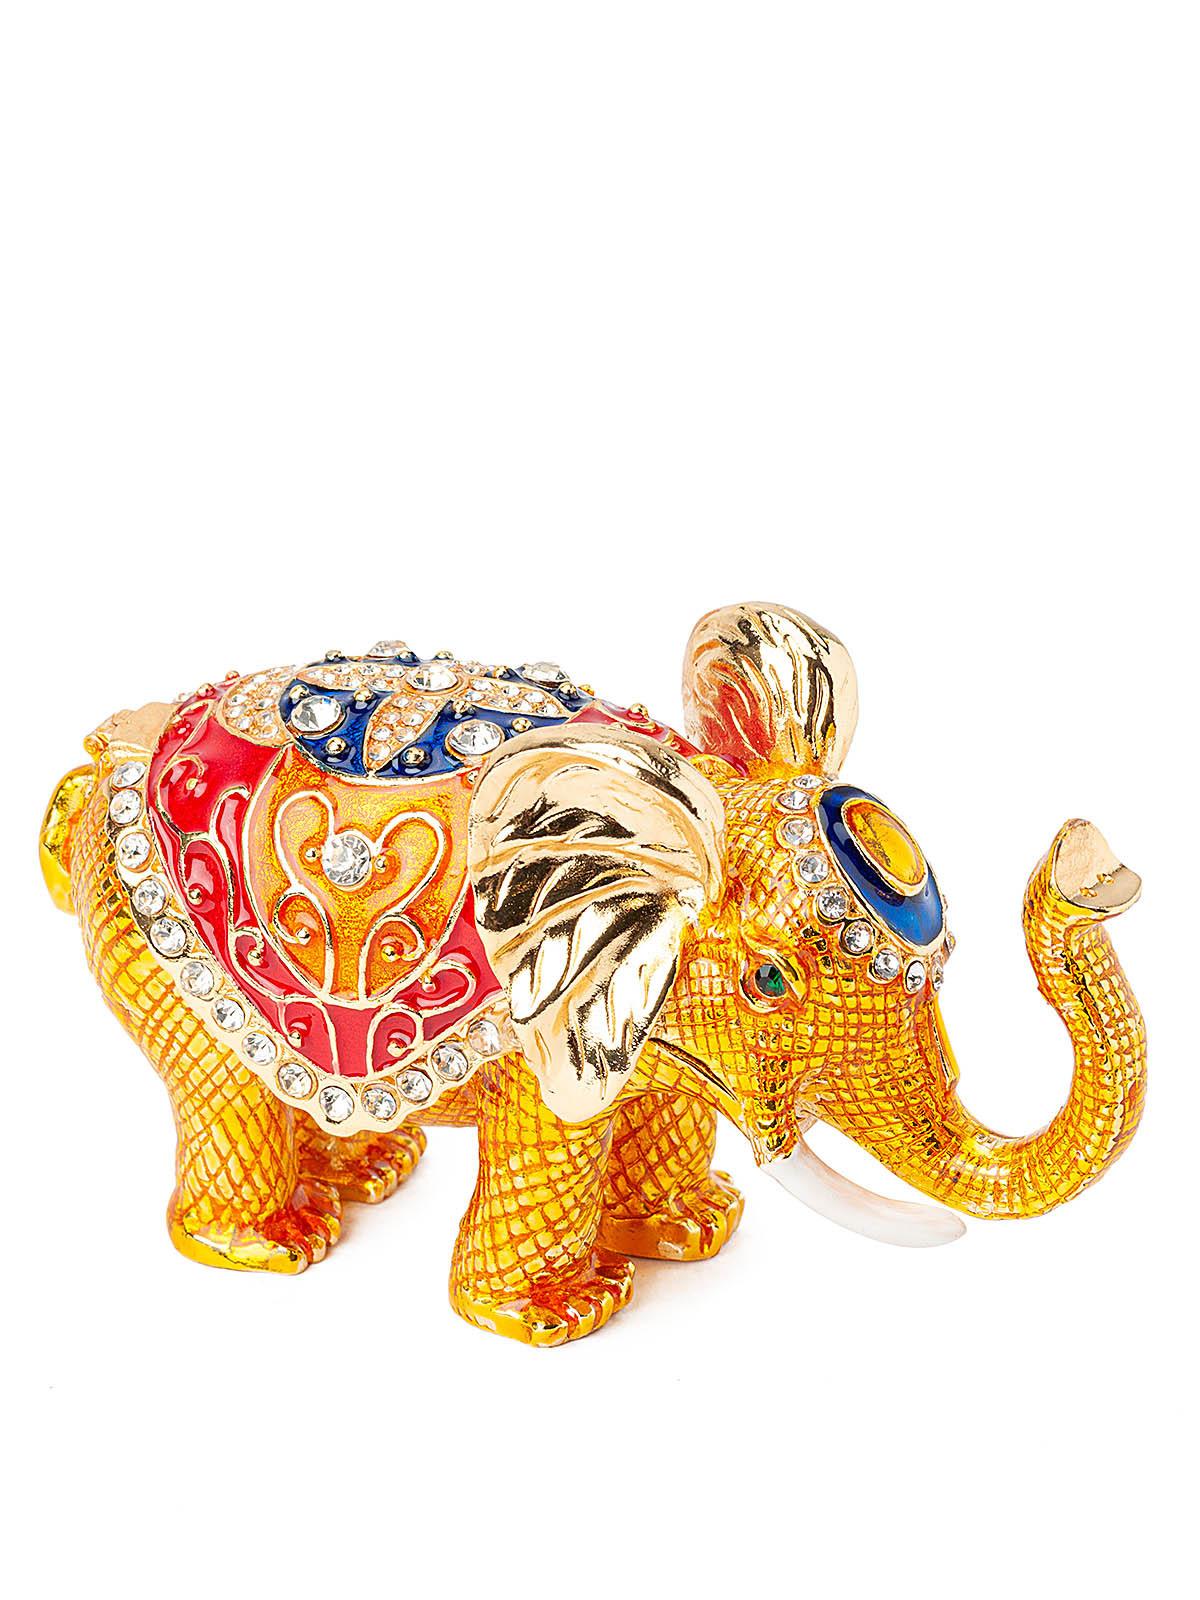 Шкатулка для украшений Слон S-4507А золотистый